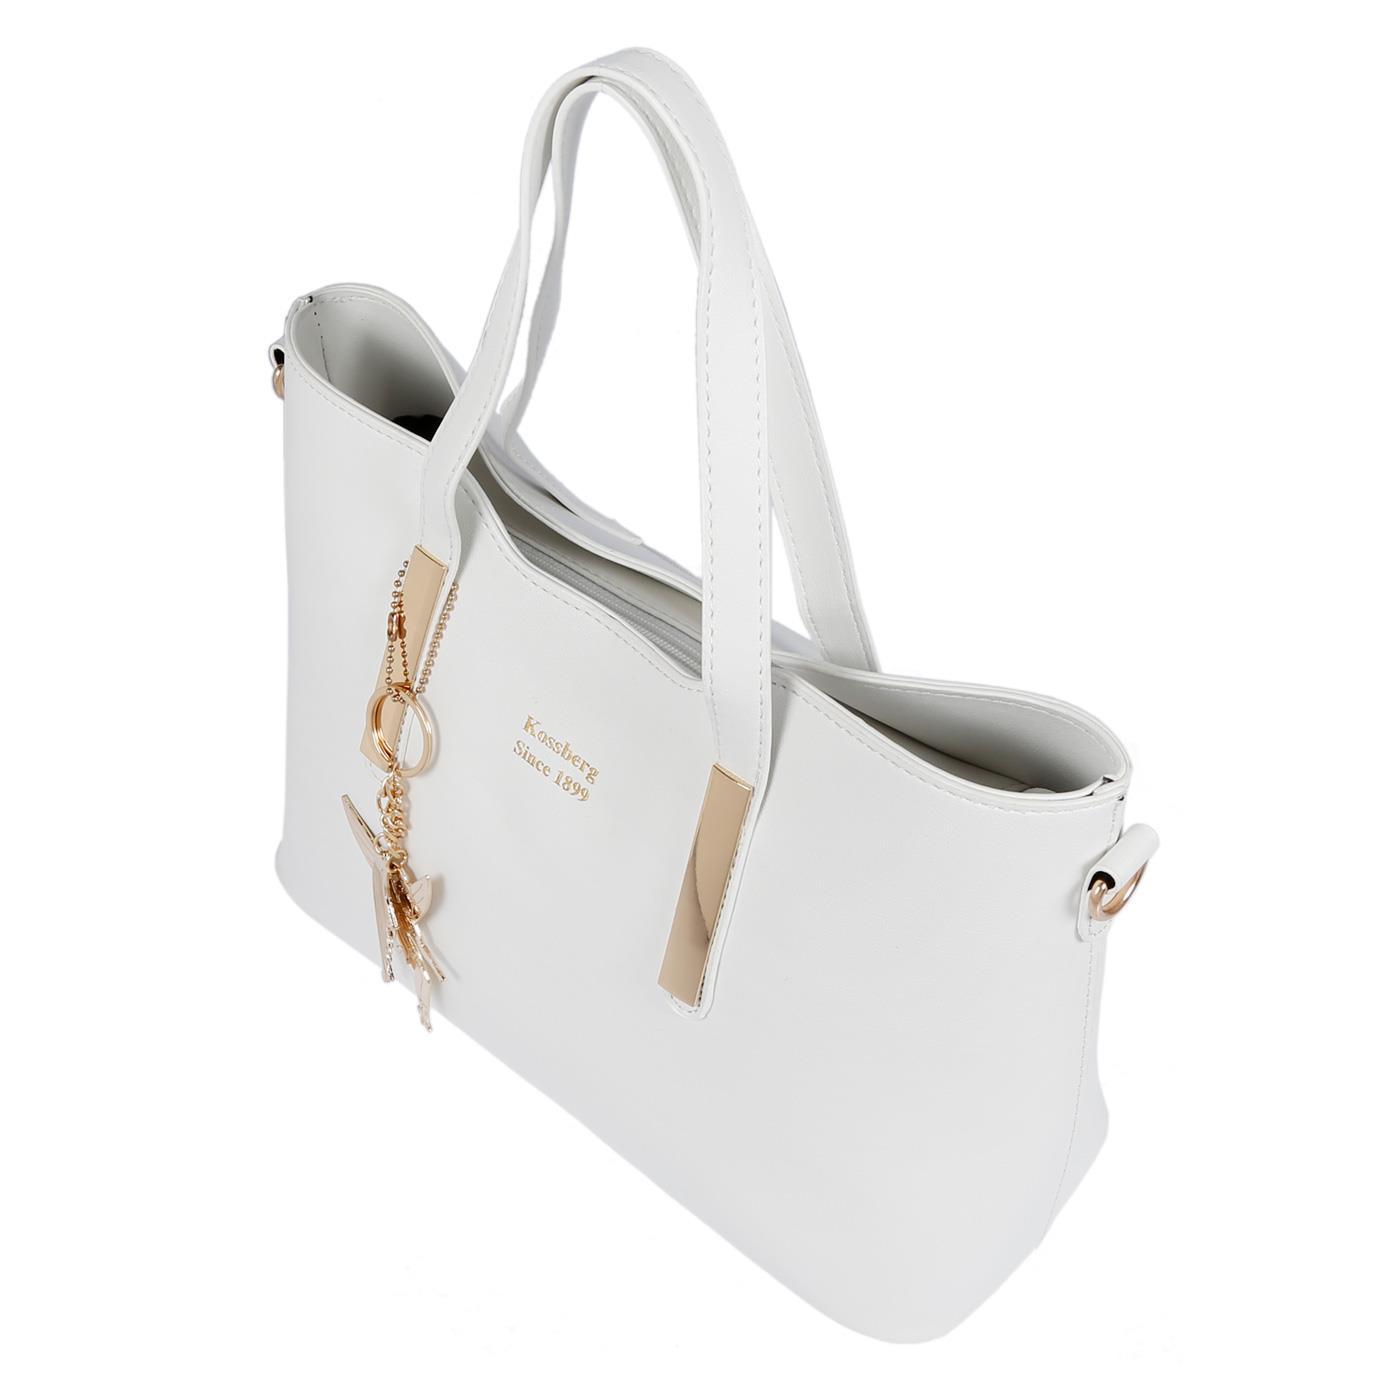 Kossberg-Damen-Tasche-Henkeltasche-Schultertasche-Umhaengetasche-Leder-Optik-Bag Indexbild 31